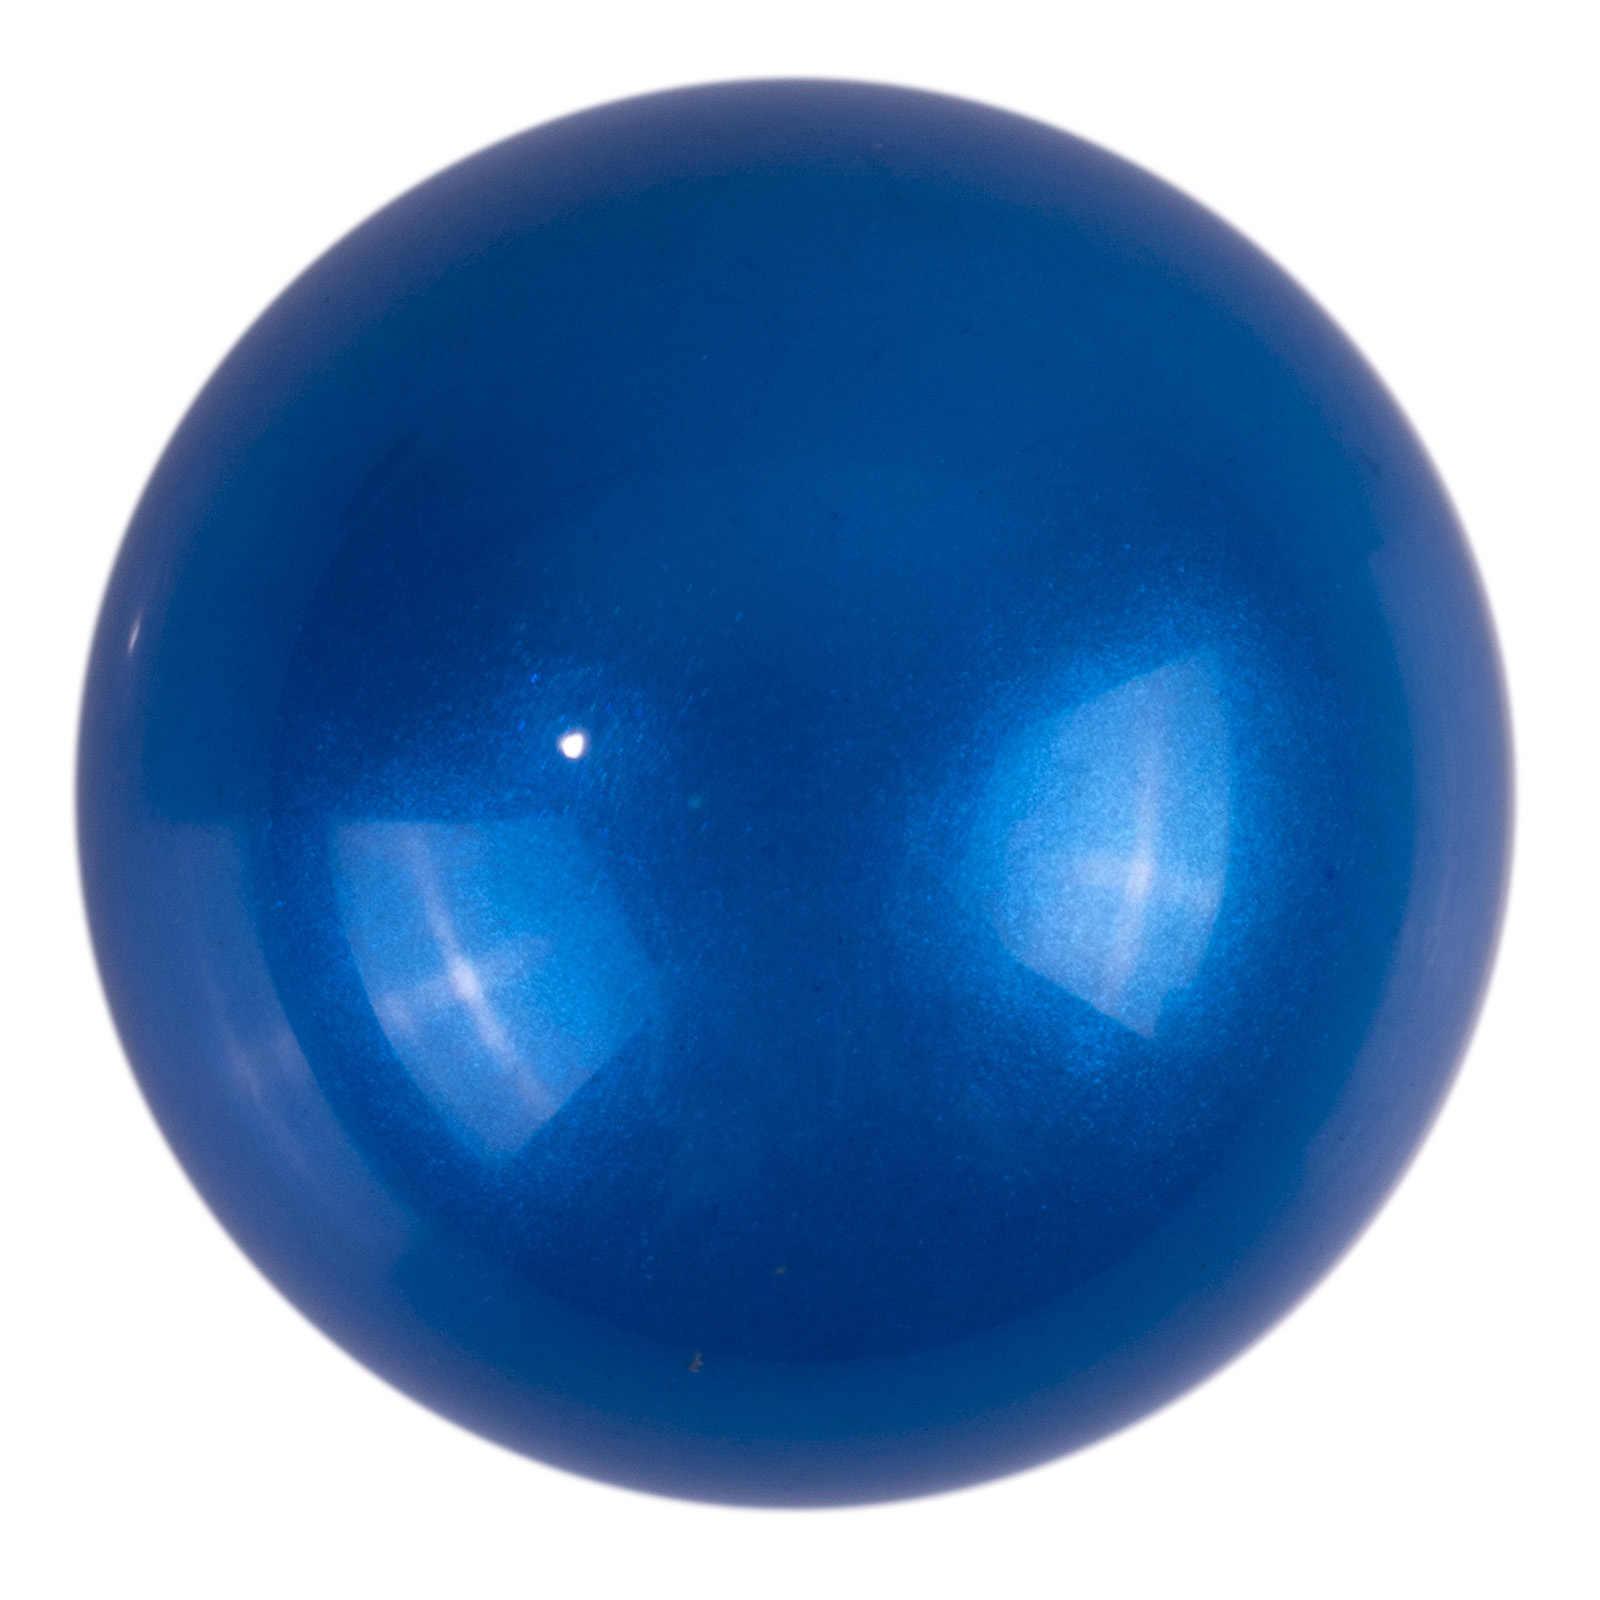 Original Replacement Ball for Logitech MX Ergo Wireless Trackball Mouse Blue